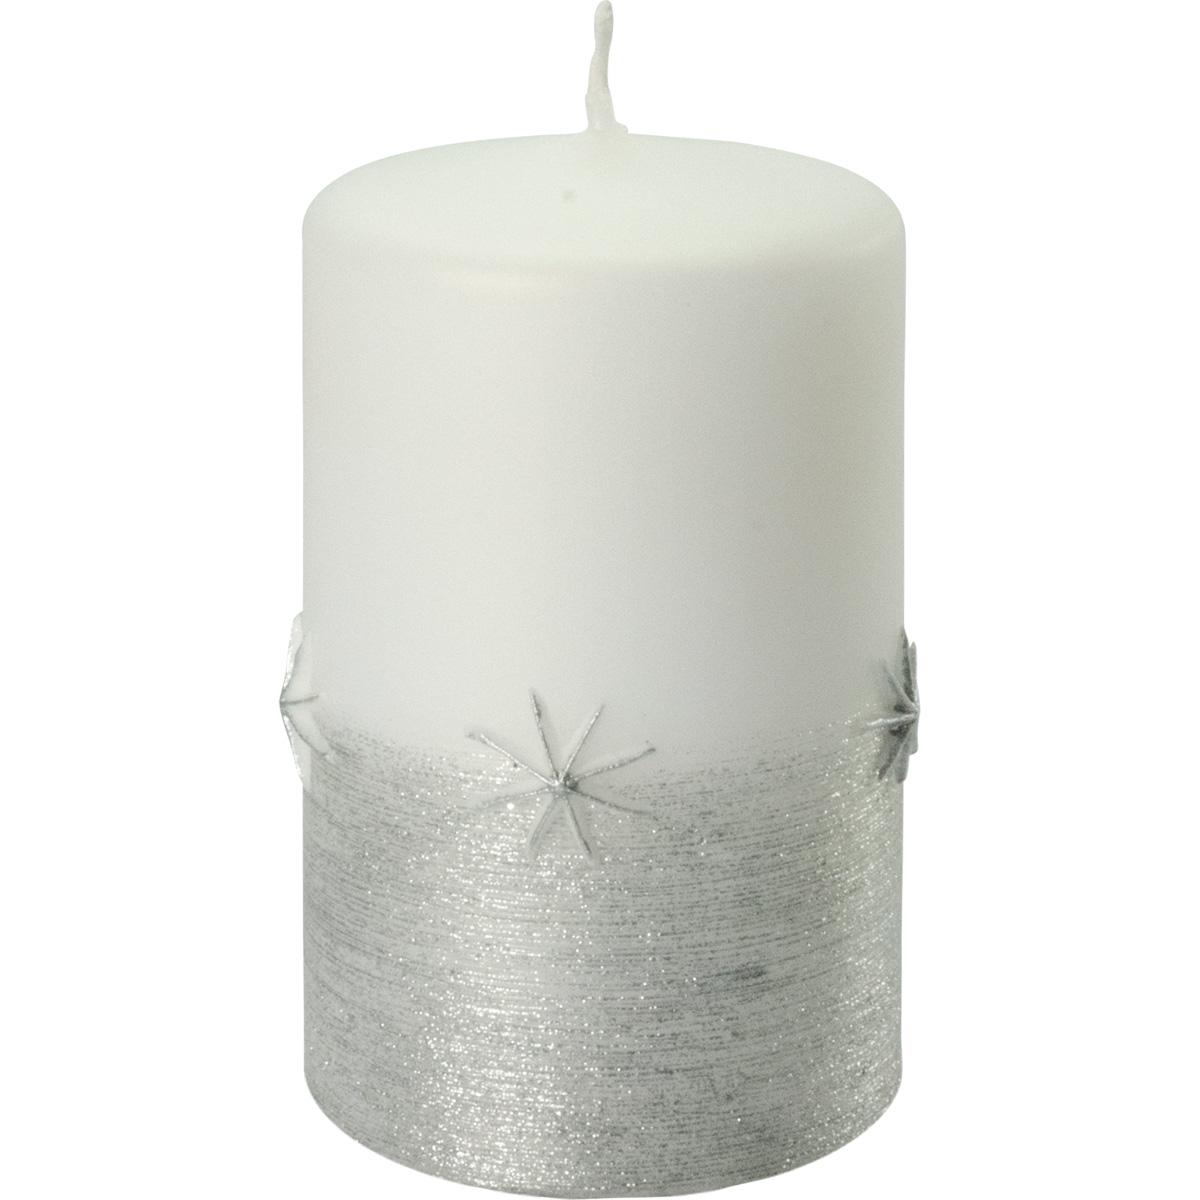 Weihnachtskerze, 3019, 10 x 6 cm, weiß, Serie Emira